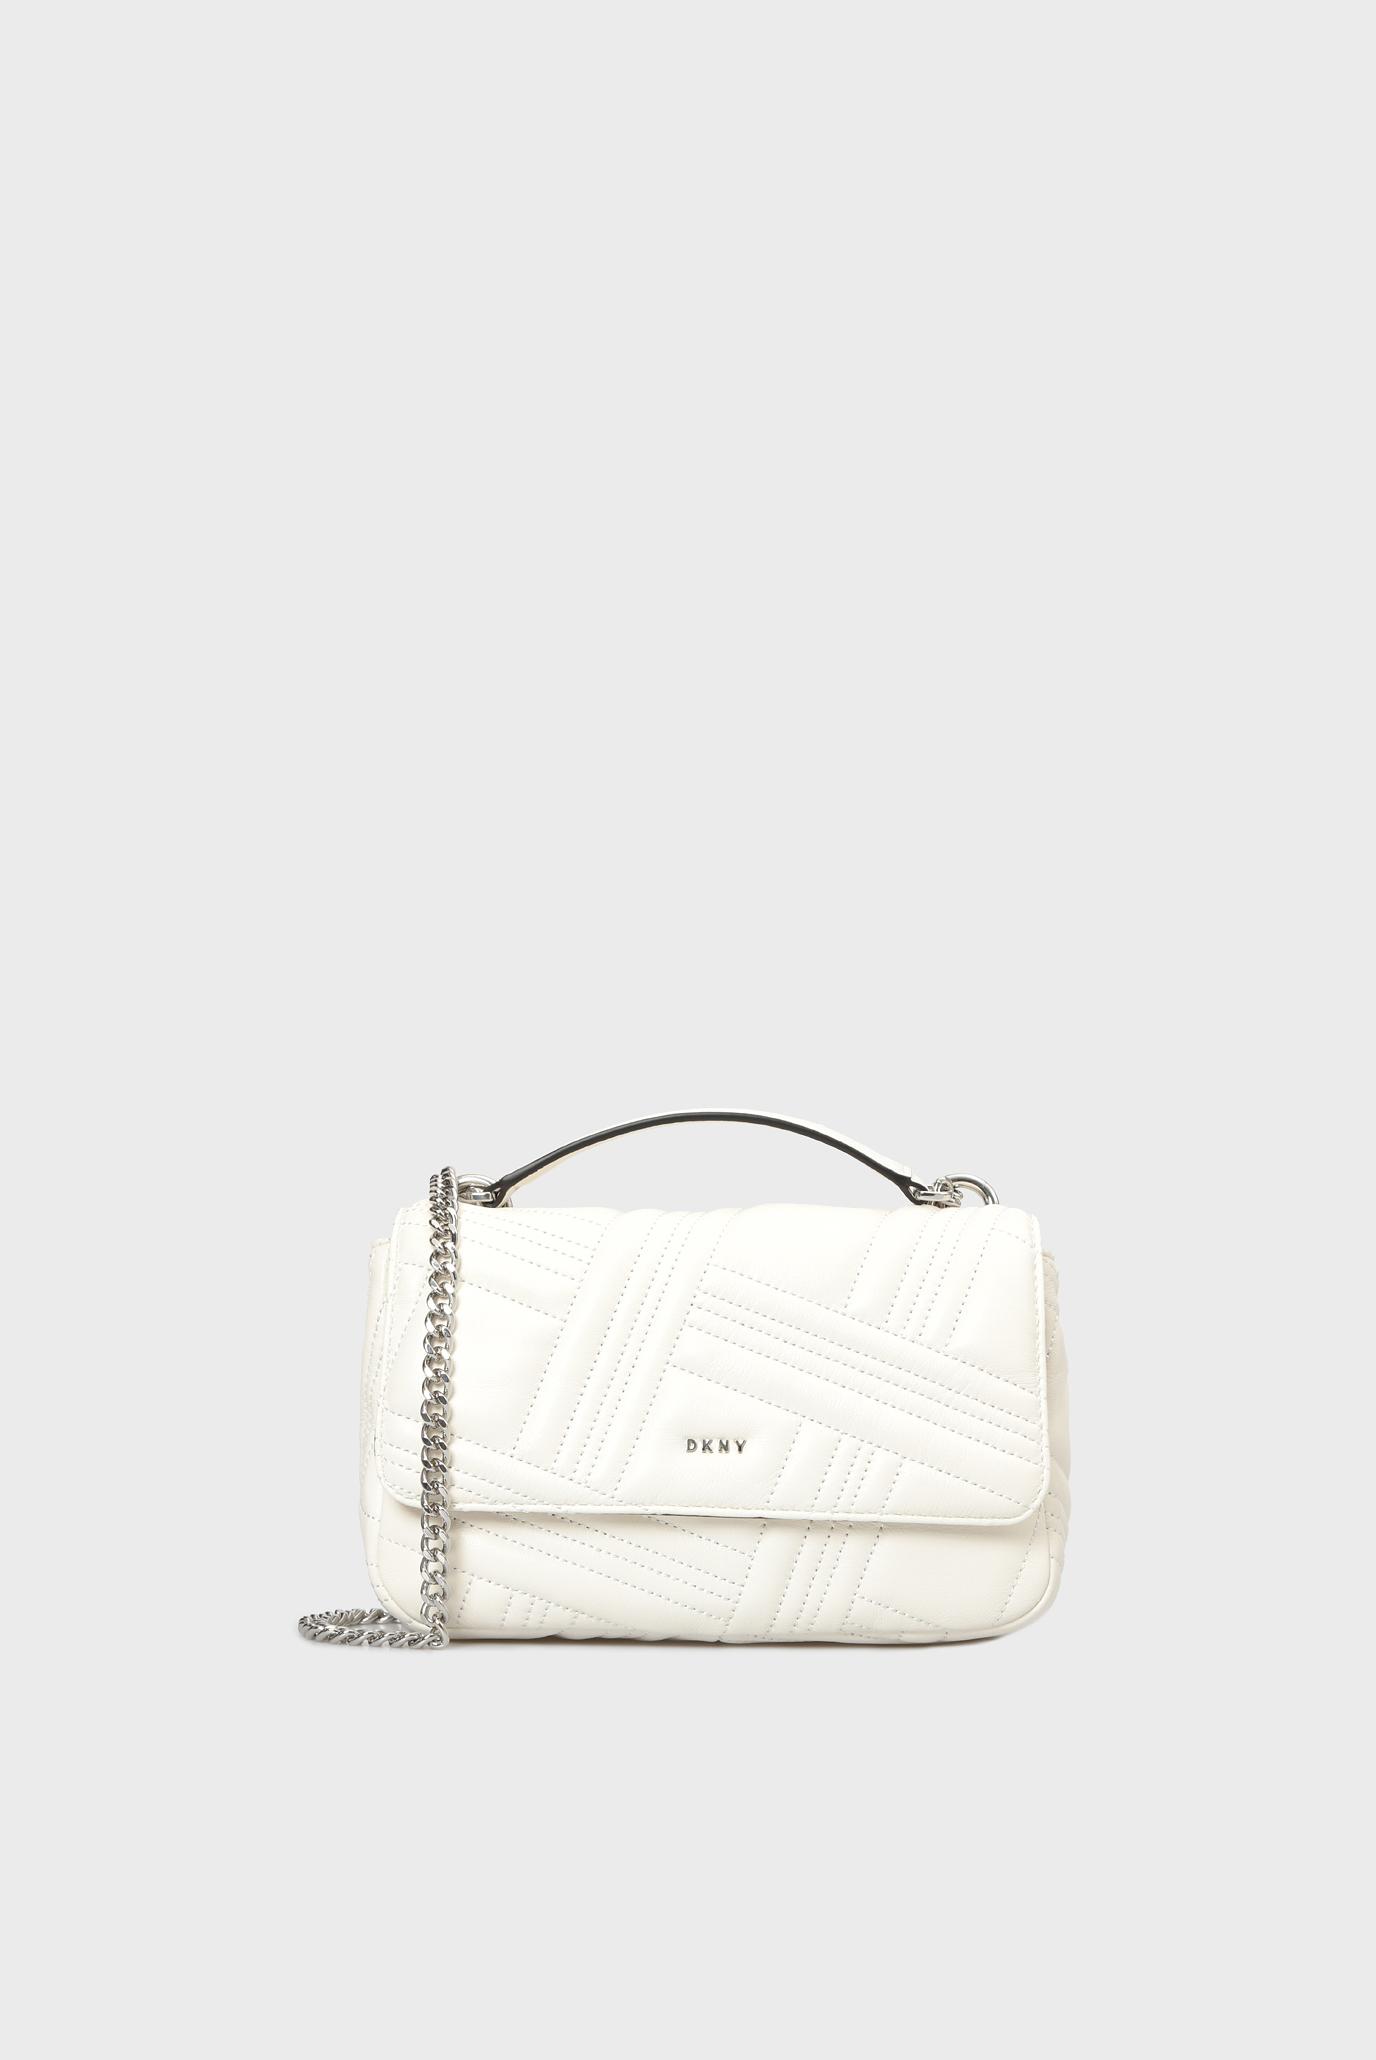 4006805b3ecf Купить Женская белая кожаная сумка на плечо ALLEN- MD DKNY DKNY R833B638 –  Киев, Украина. Цены в ...